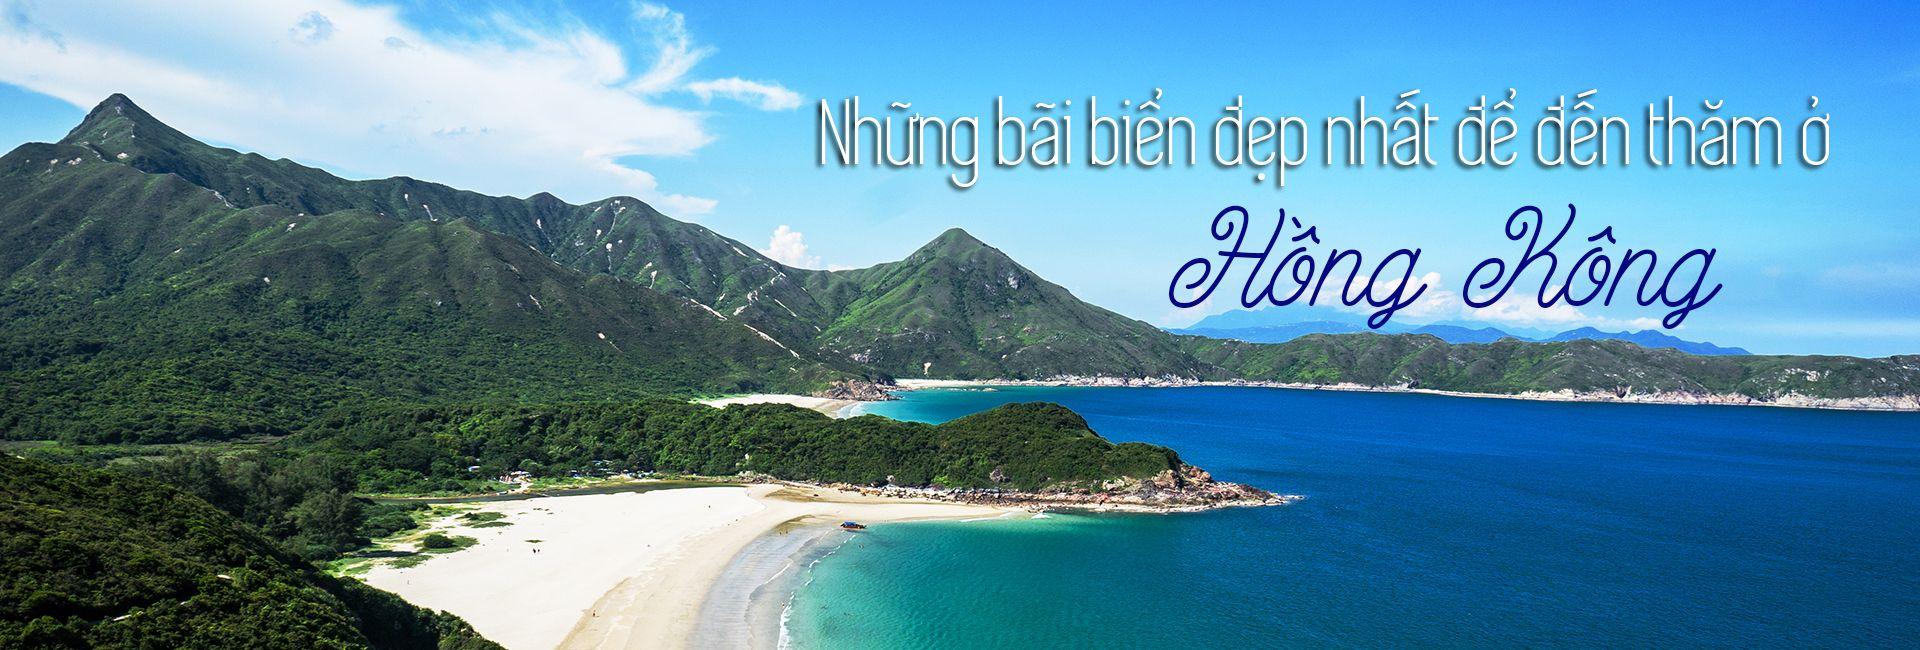 Khám phá 7 bãi biển đẹp nhất Hồng Kông